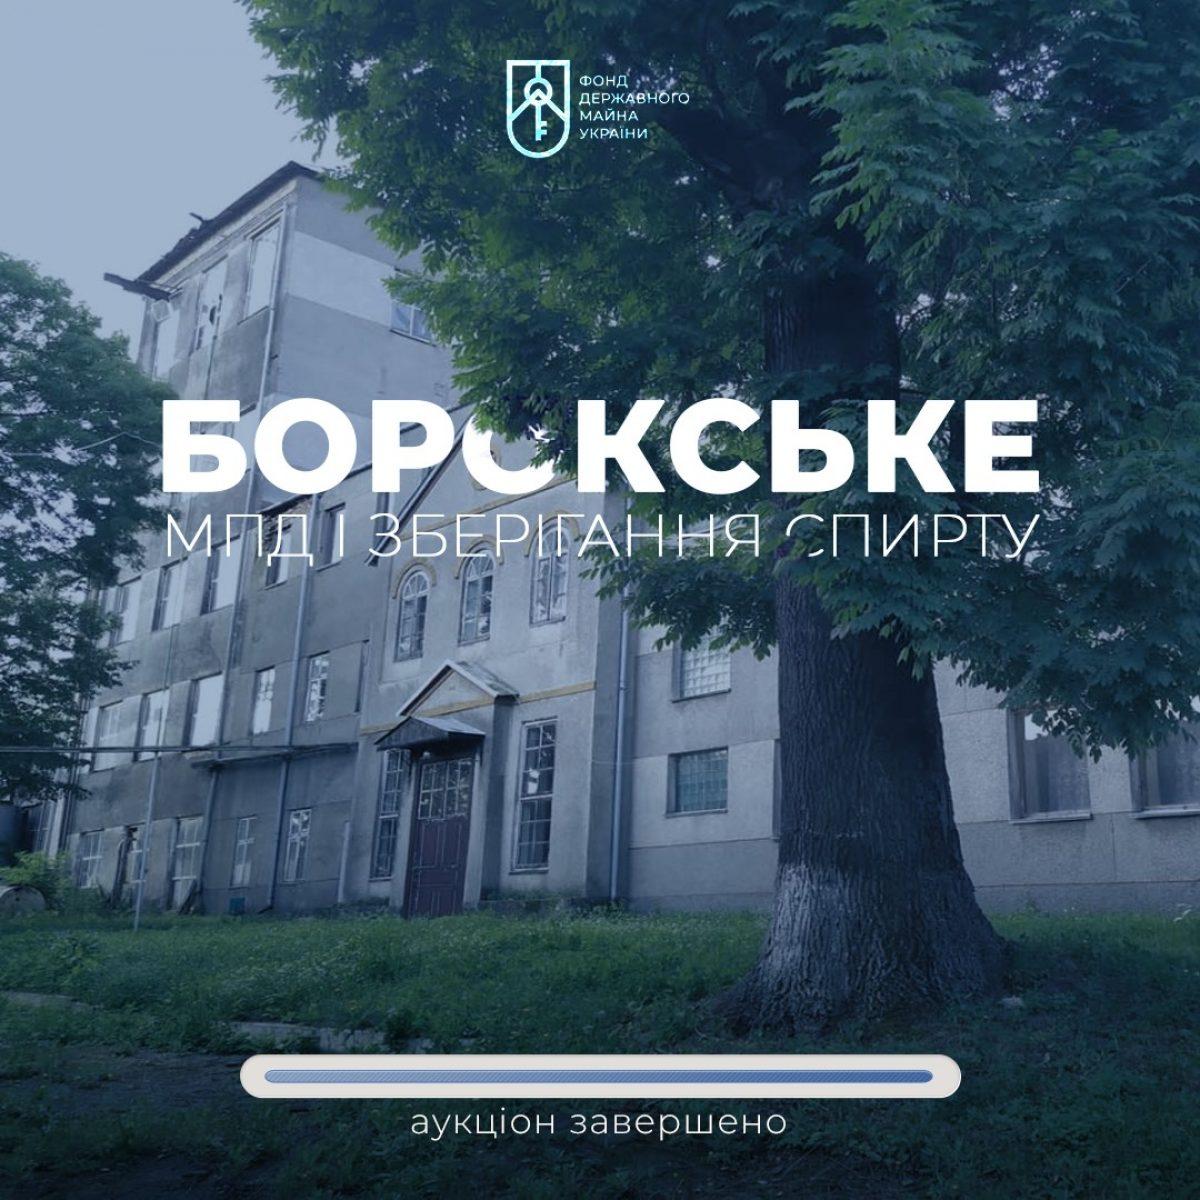 Борокський спиртовий завод отримав нового власника